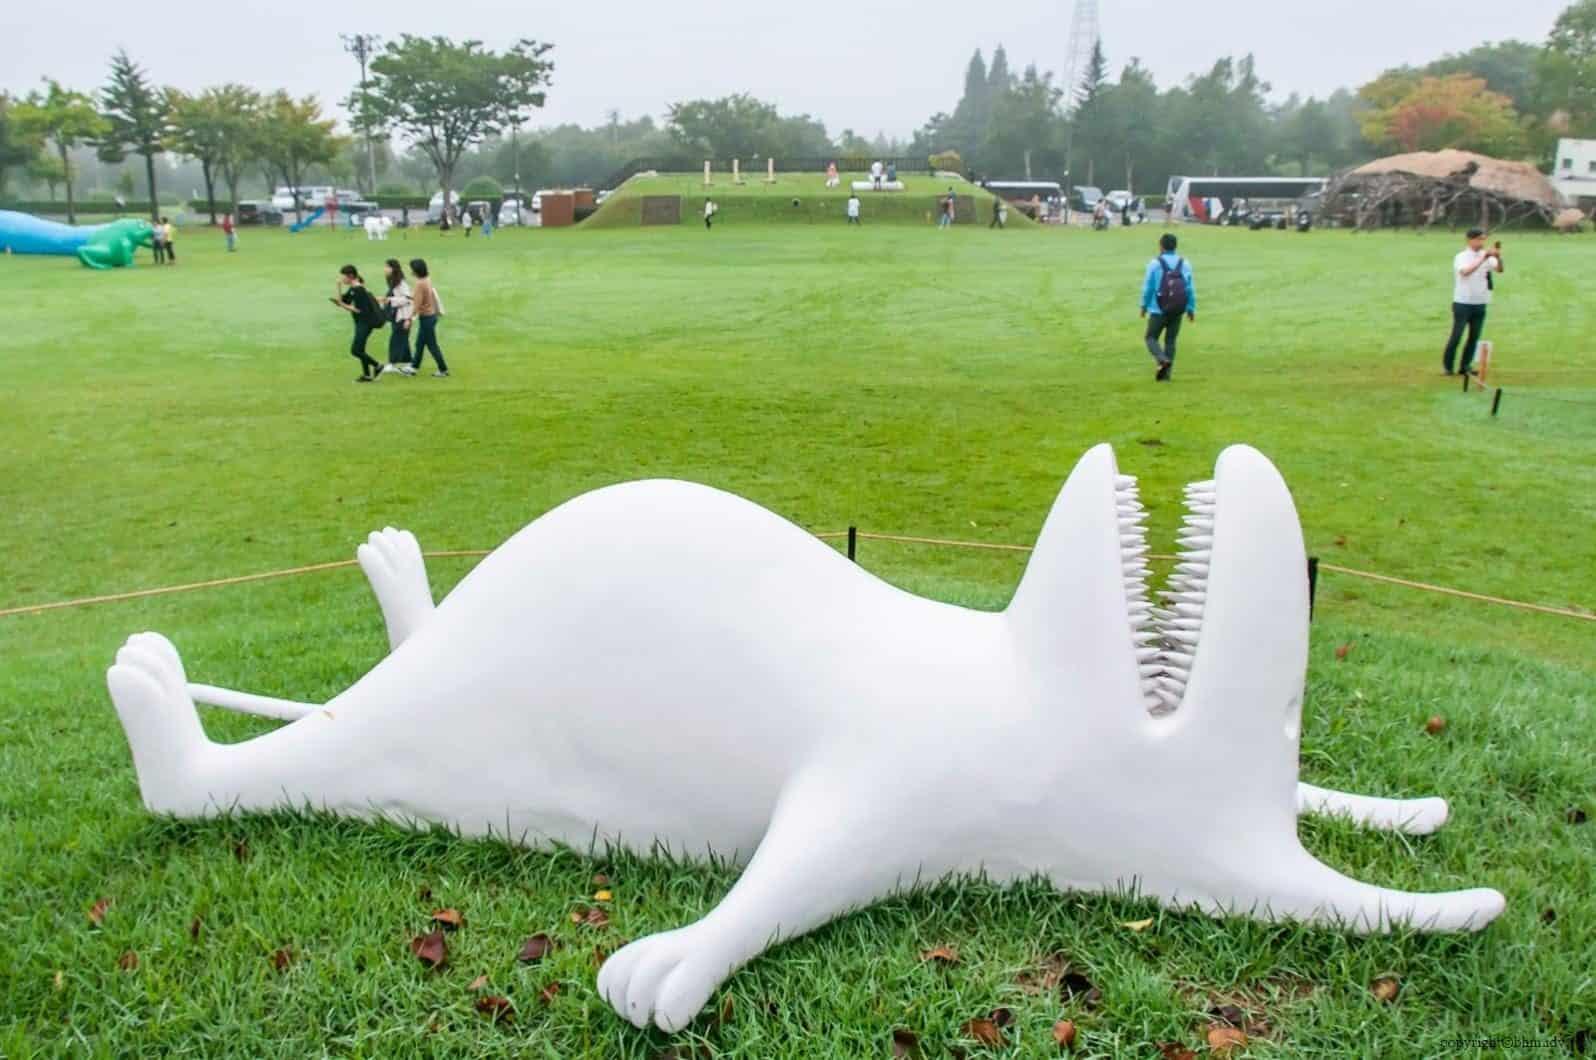 須佐美彩,放空不思考@里山藝術動物園;作品展示空間開闊,若不是時間不足還真想躺下來在廣闊的草坪上打滾發呆 里山藝術動物園 里山藝術動物園 satoyama art zoo 05 0x0